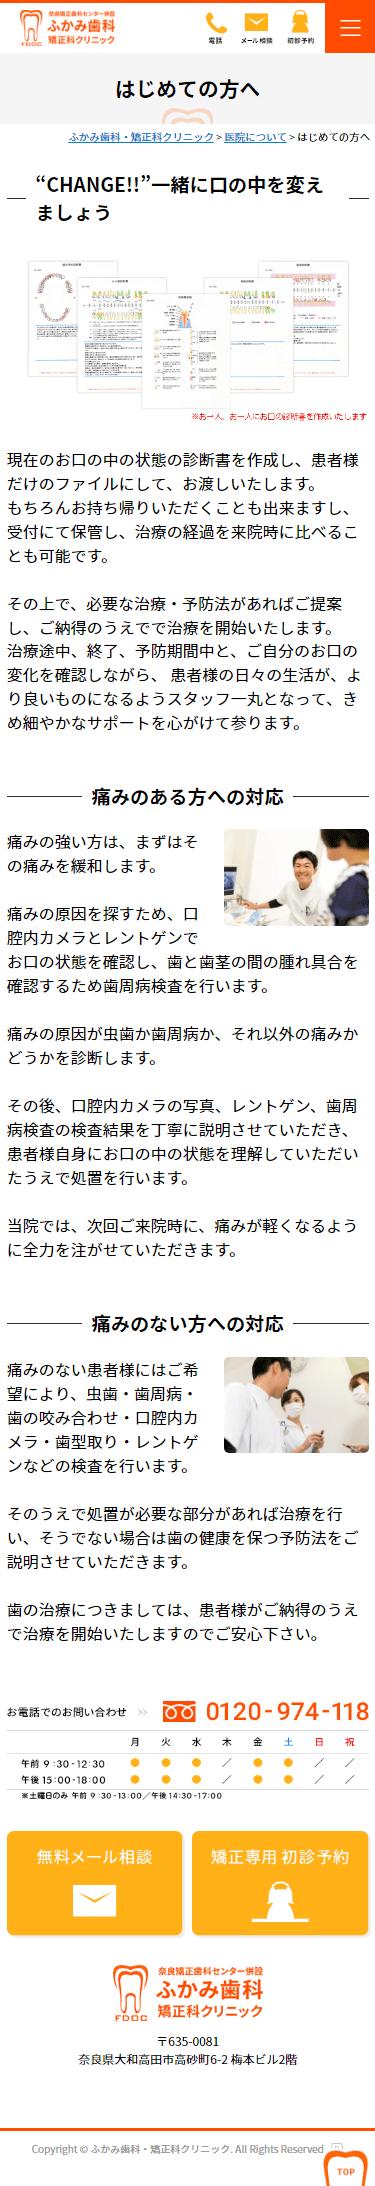 大和高田市 ふかみ歯科・矯正科クリニック様 ホームページ制作4